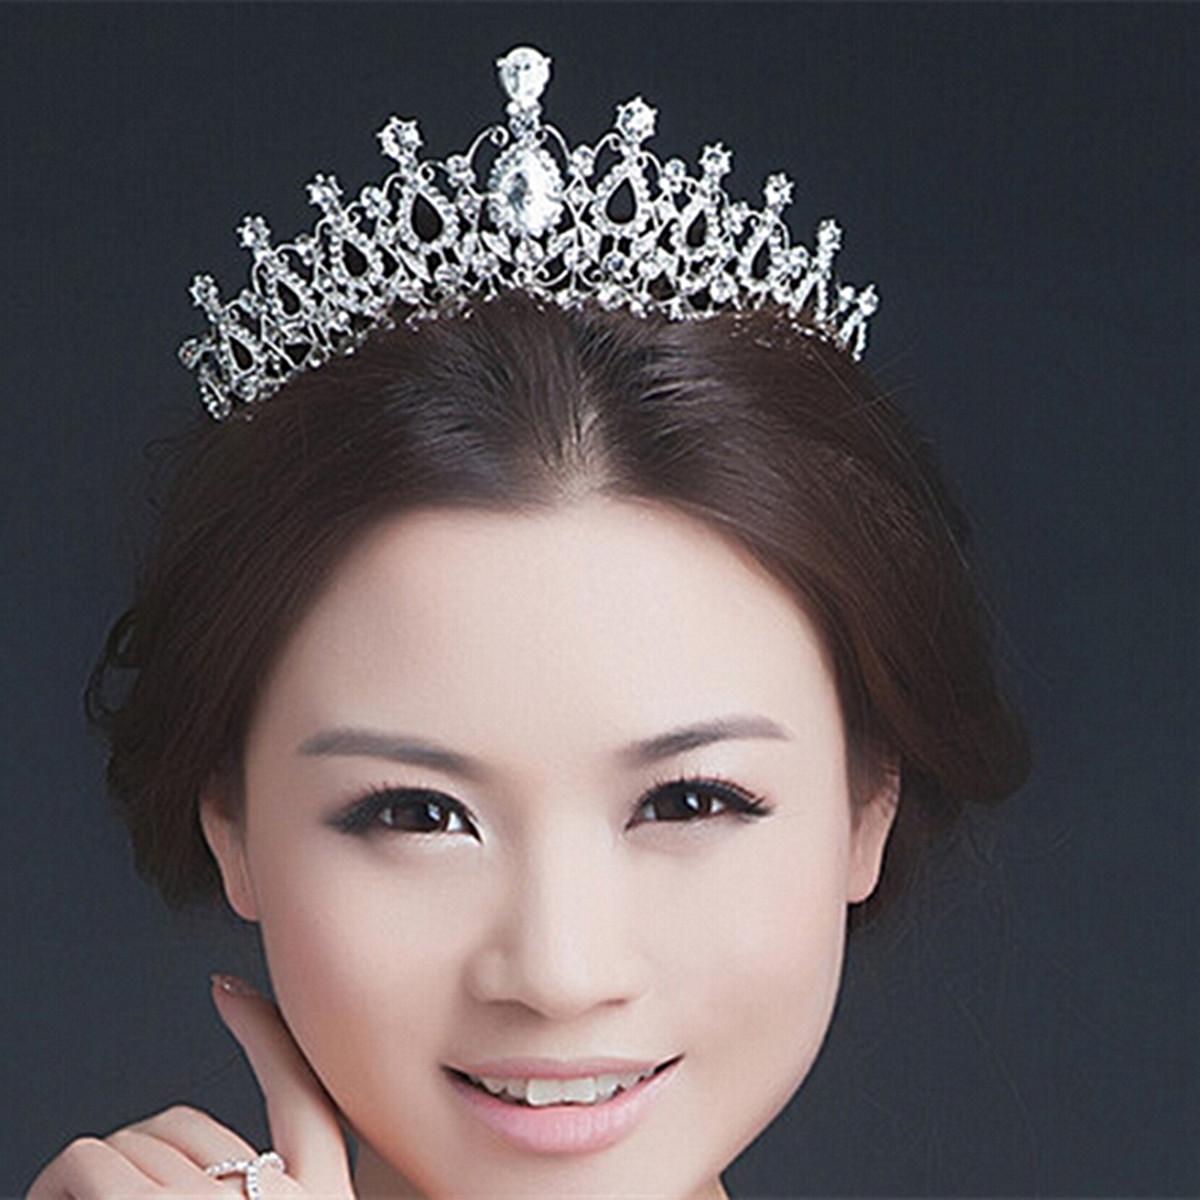 Wedding Crown Hair: Elegant Rhinestone Crystal Tiara Crown Hair Jewelry